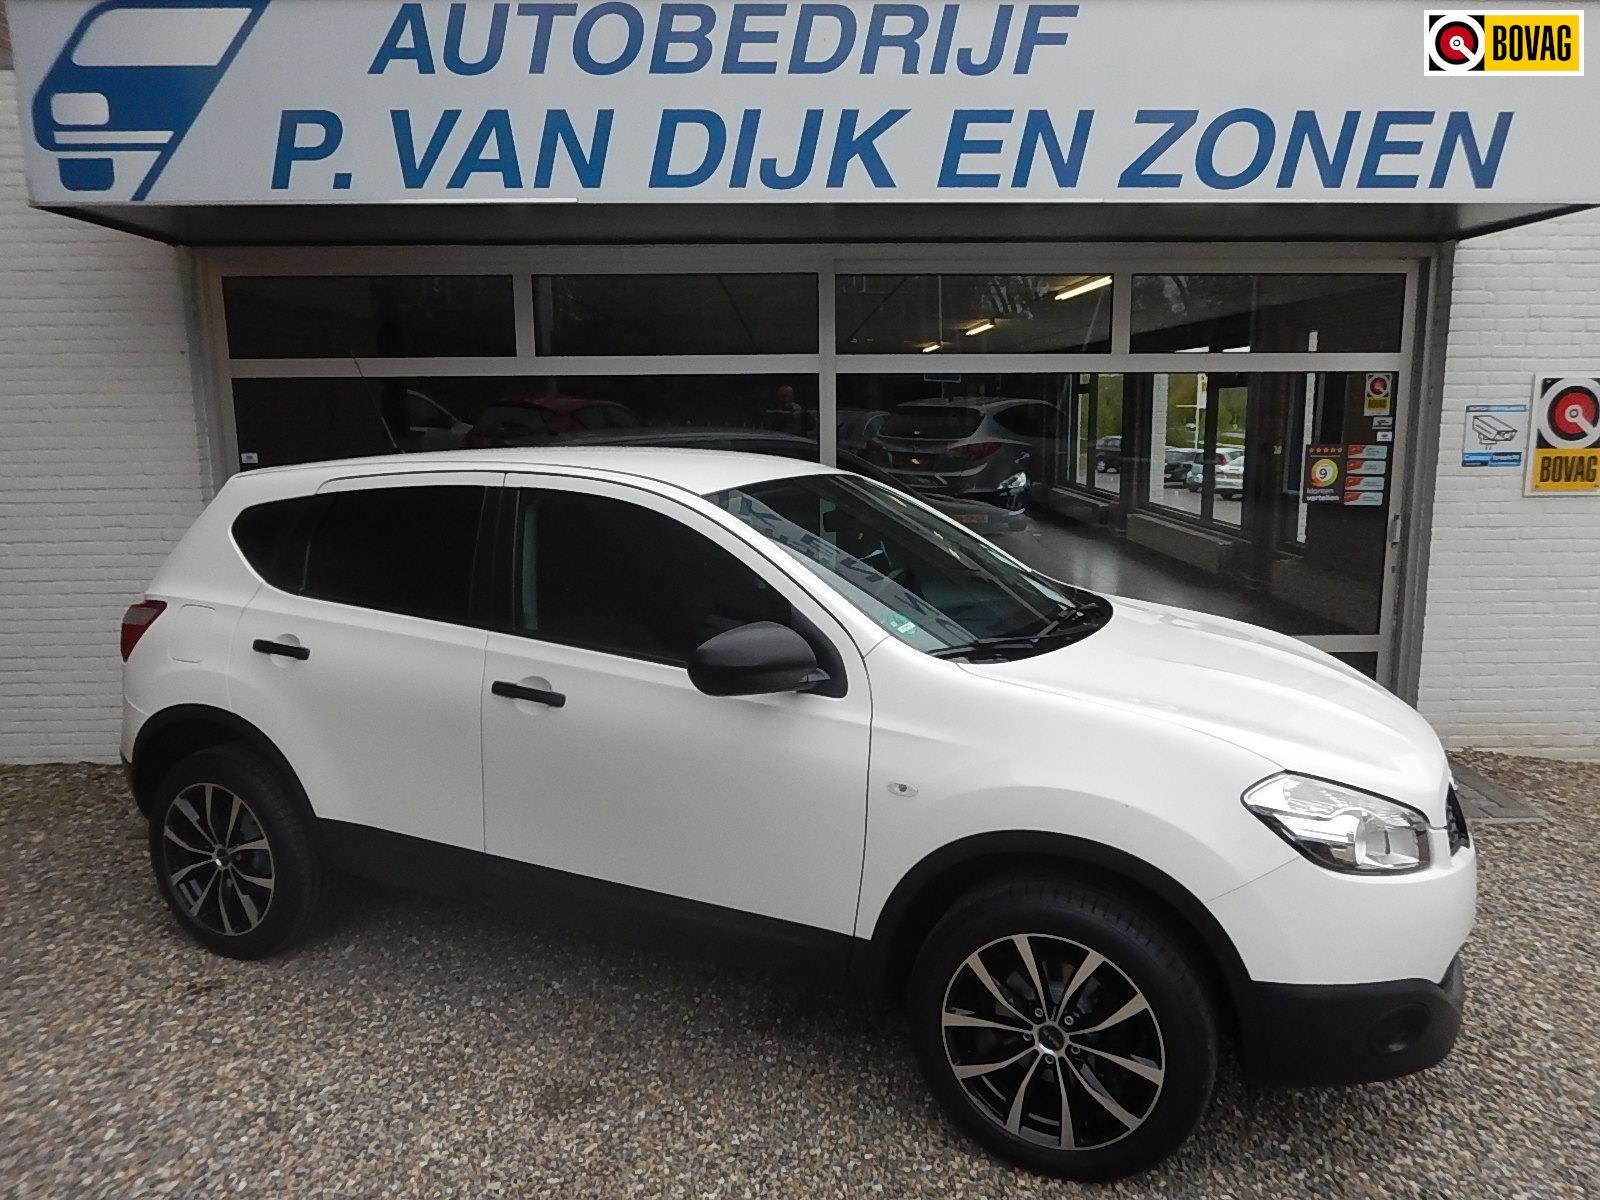 Nissan Qashqai occasion - Autobedrijf P. van Dijk en Zonen